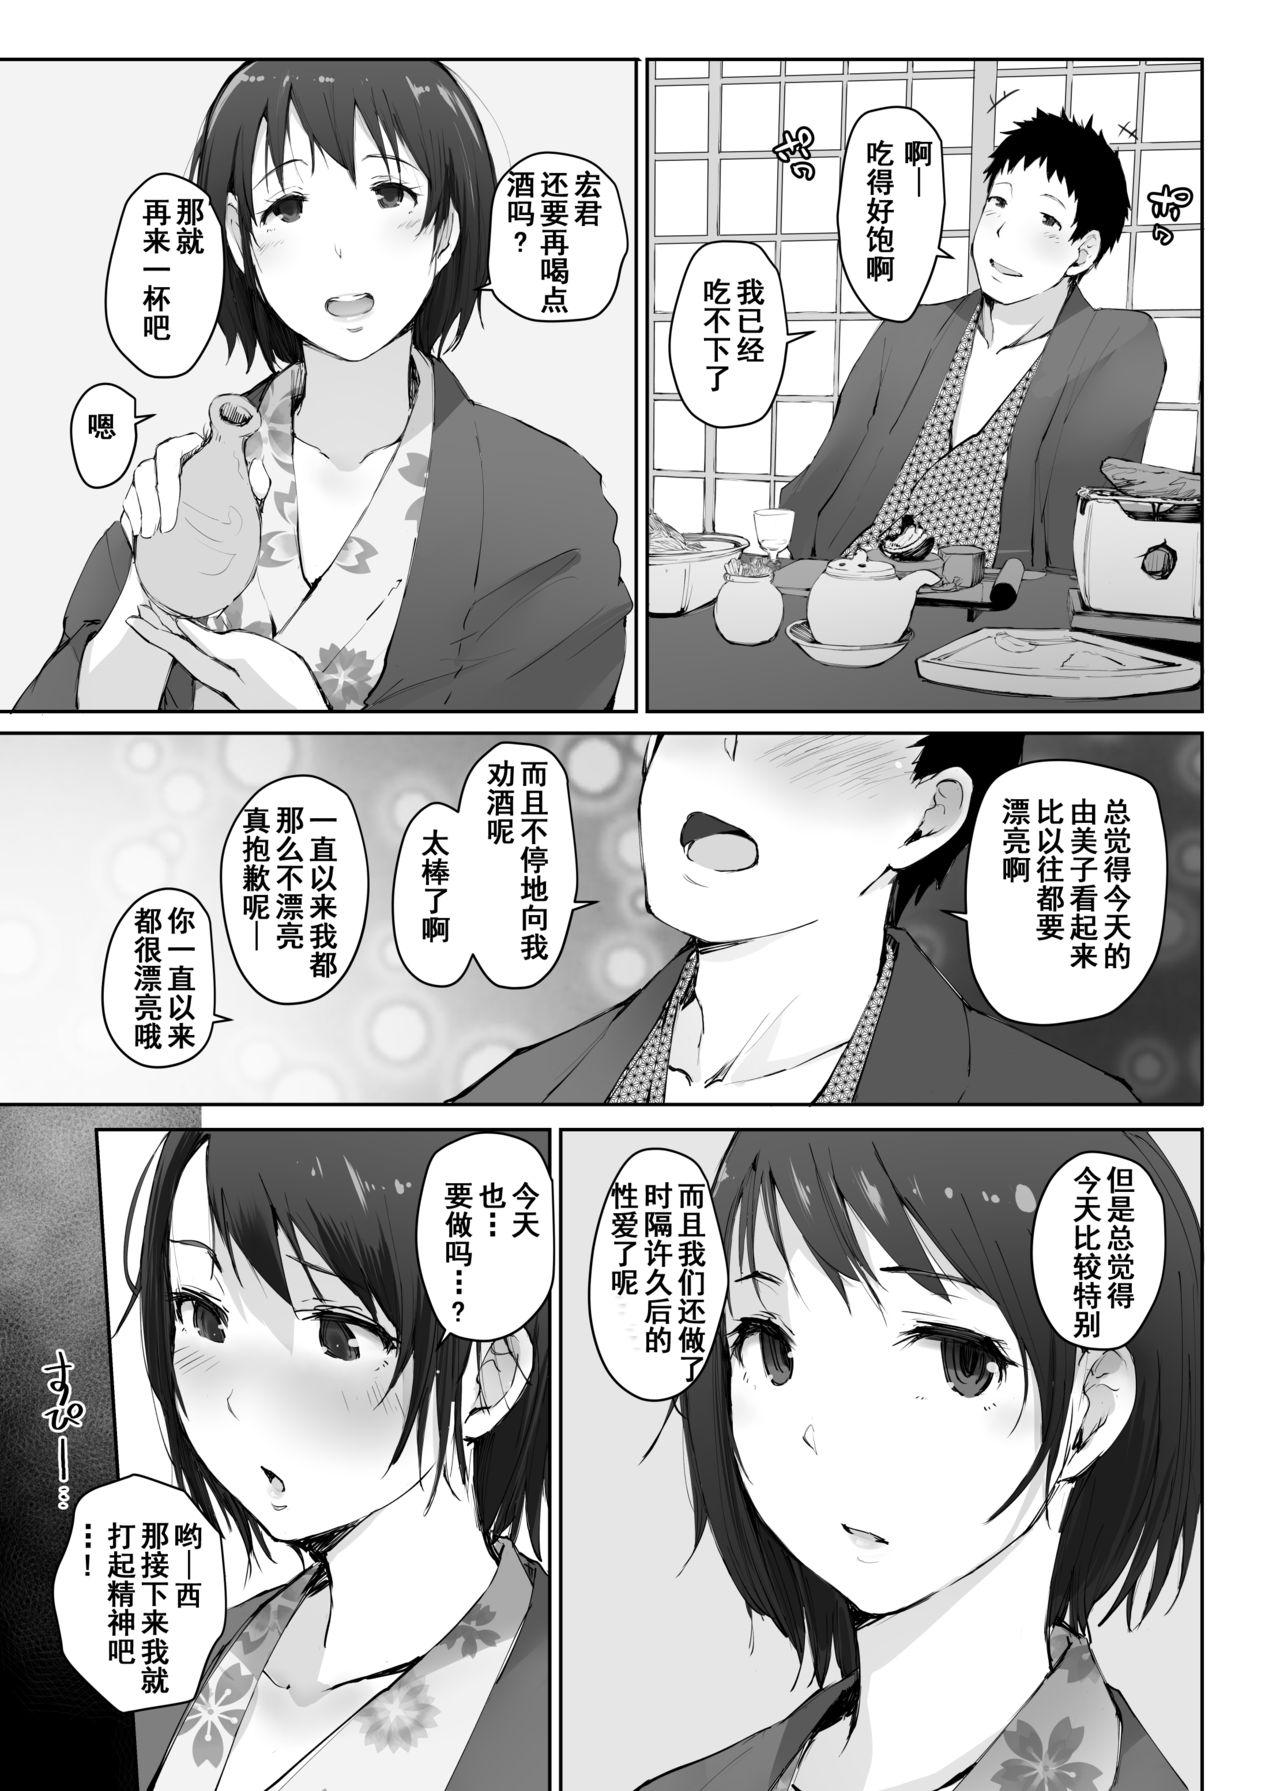 Hitozuma to NTR Chounai Ryokou 15